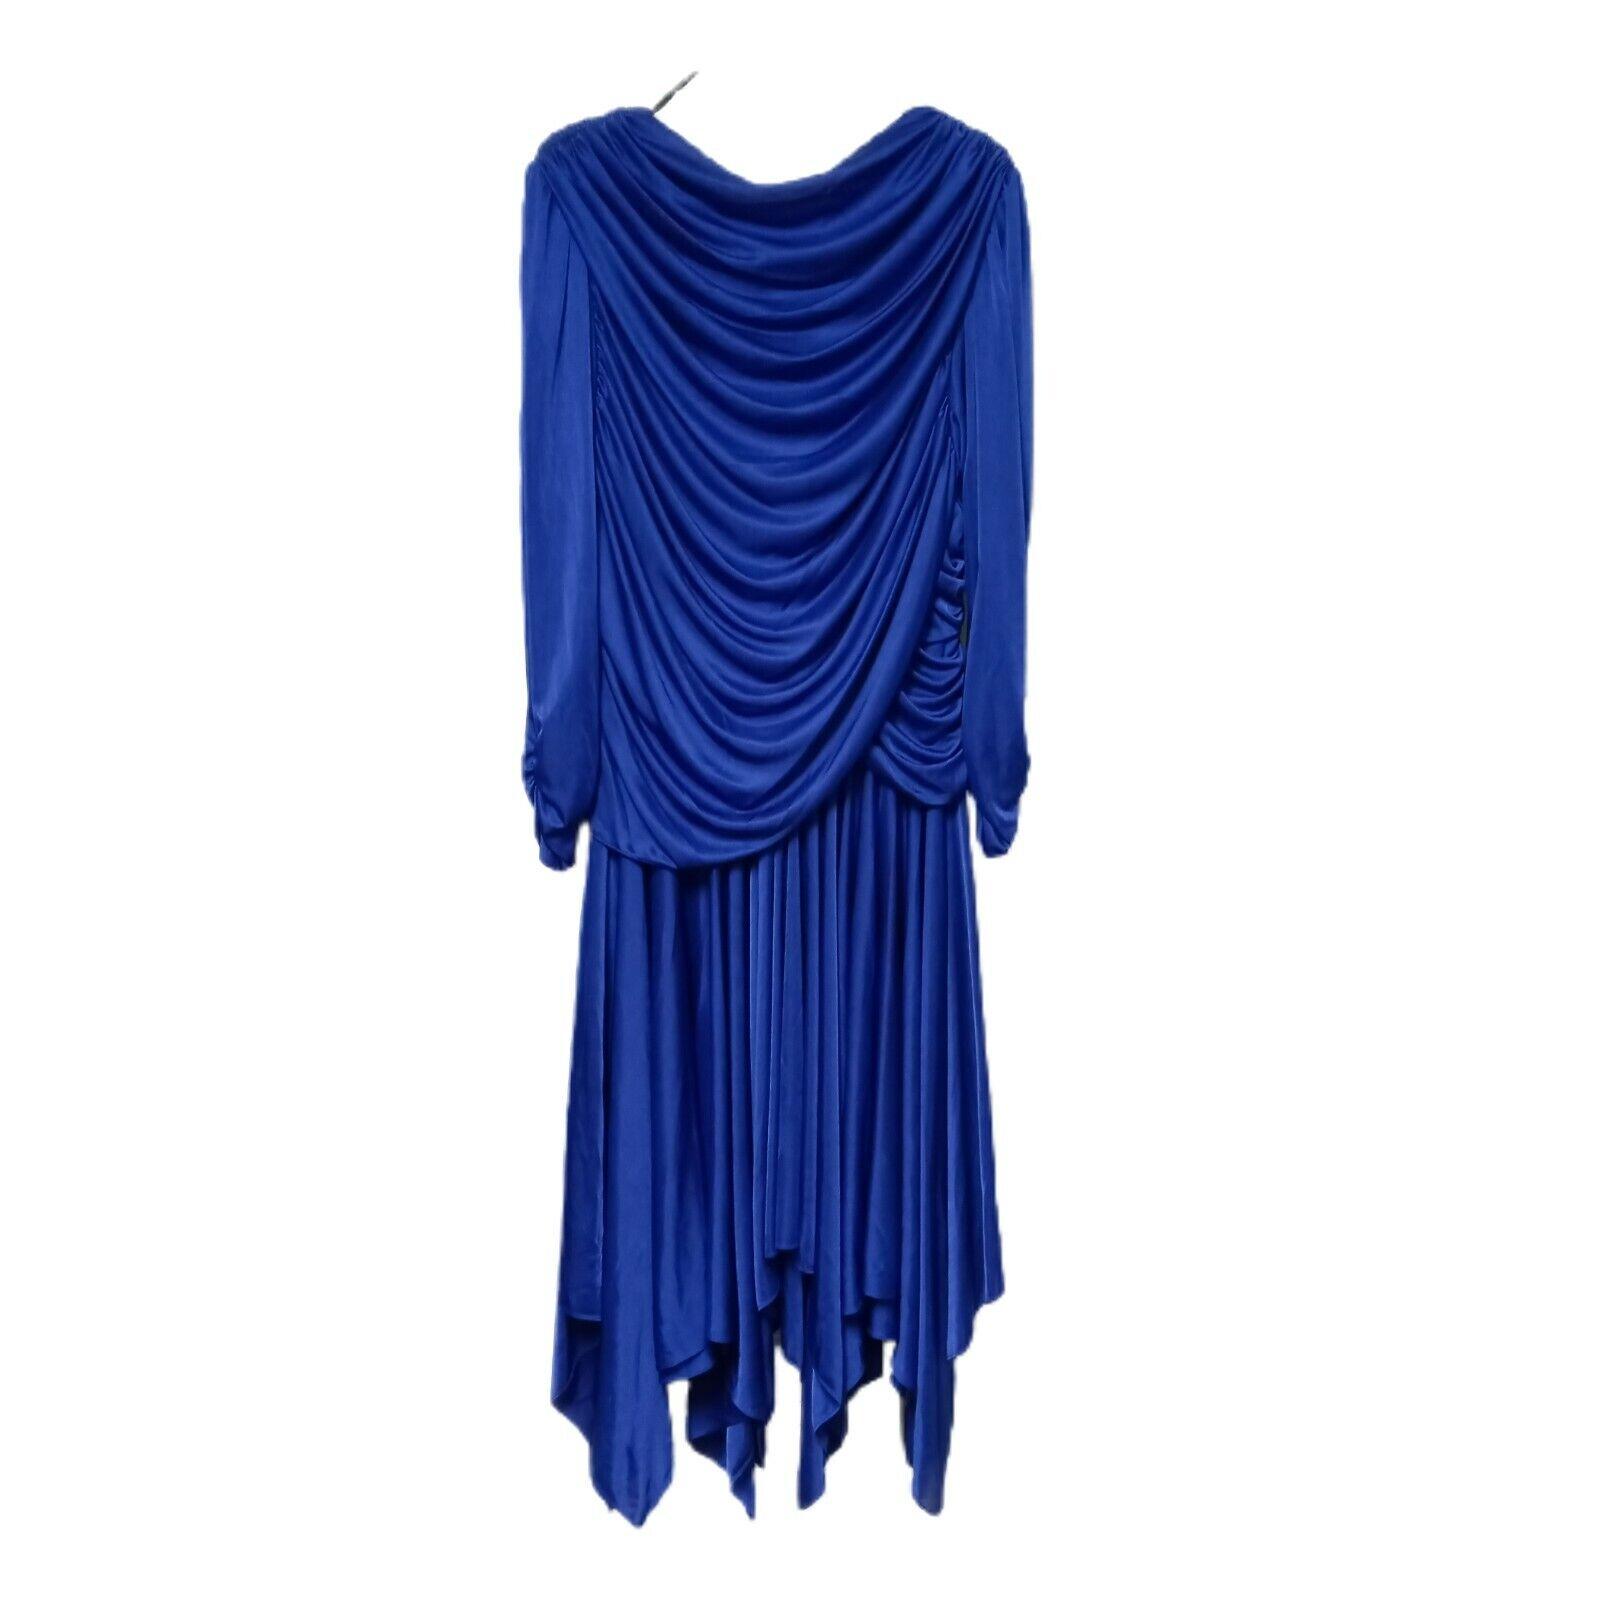 Vtg David Rose Royal Blue Evening Or Mother of the Bride Dress Size 16 EUC